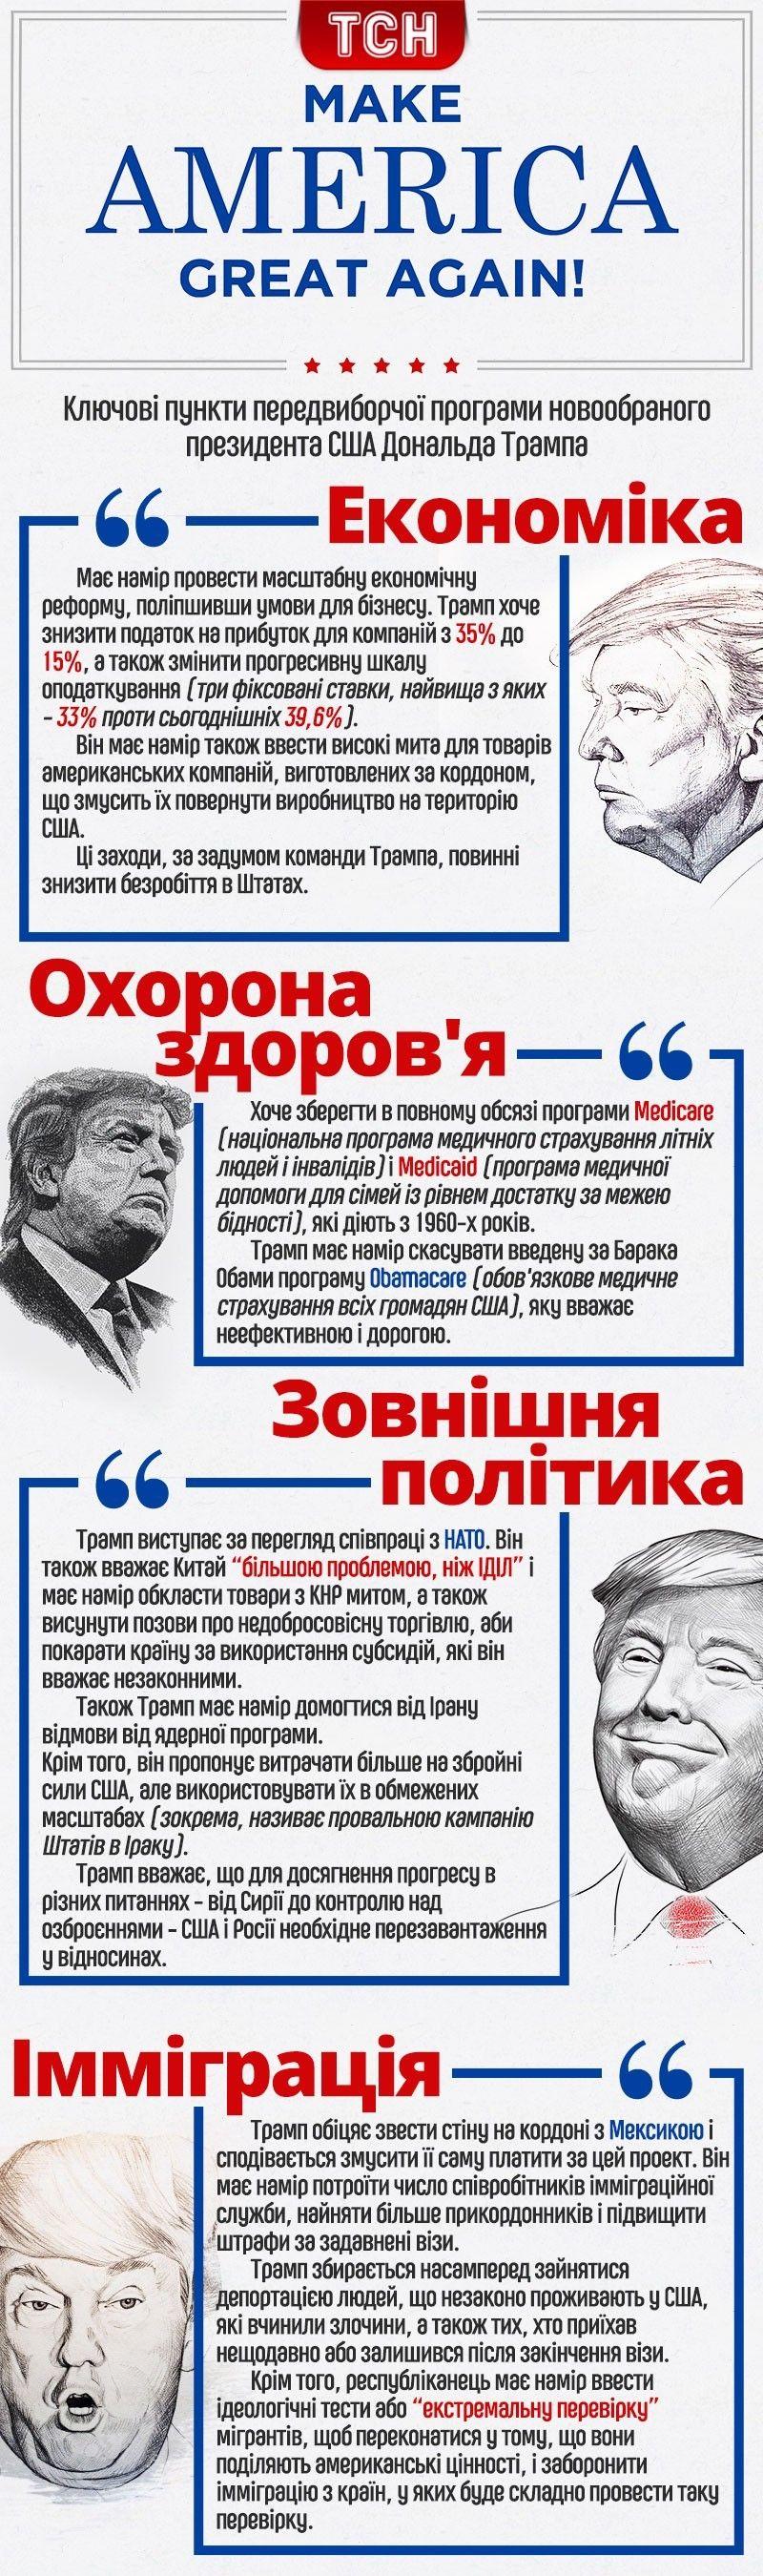 Програма Дональда Трампа, інфографіка, США